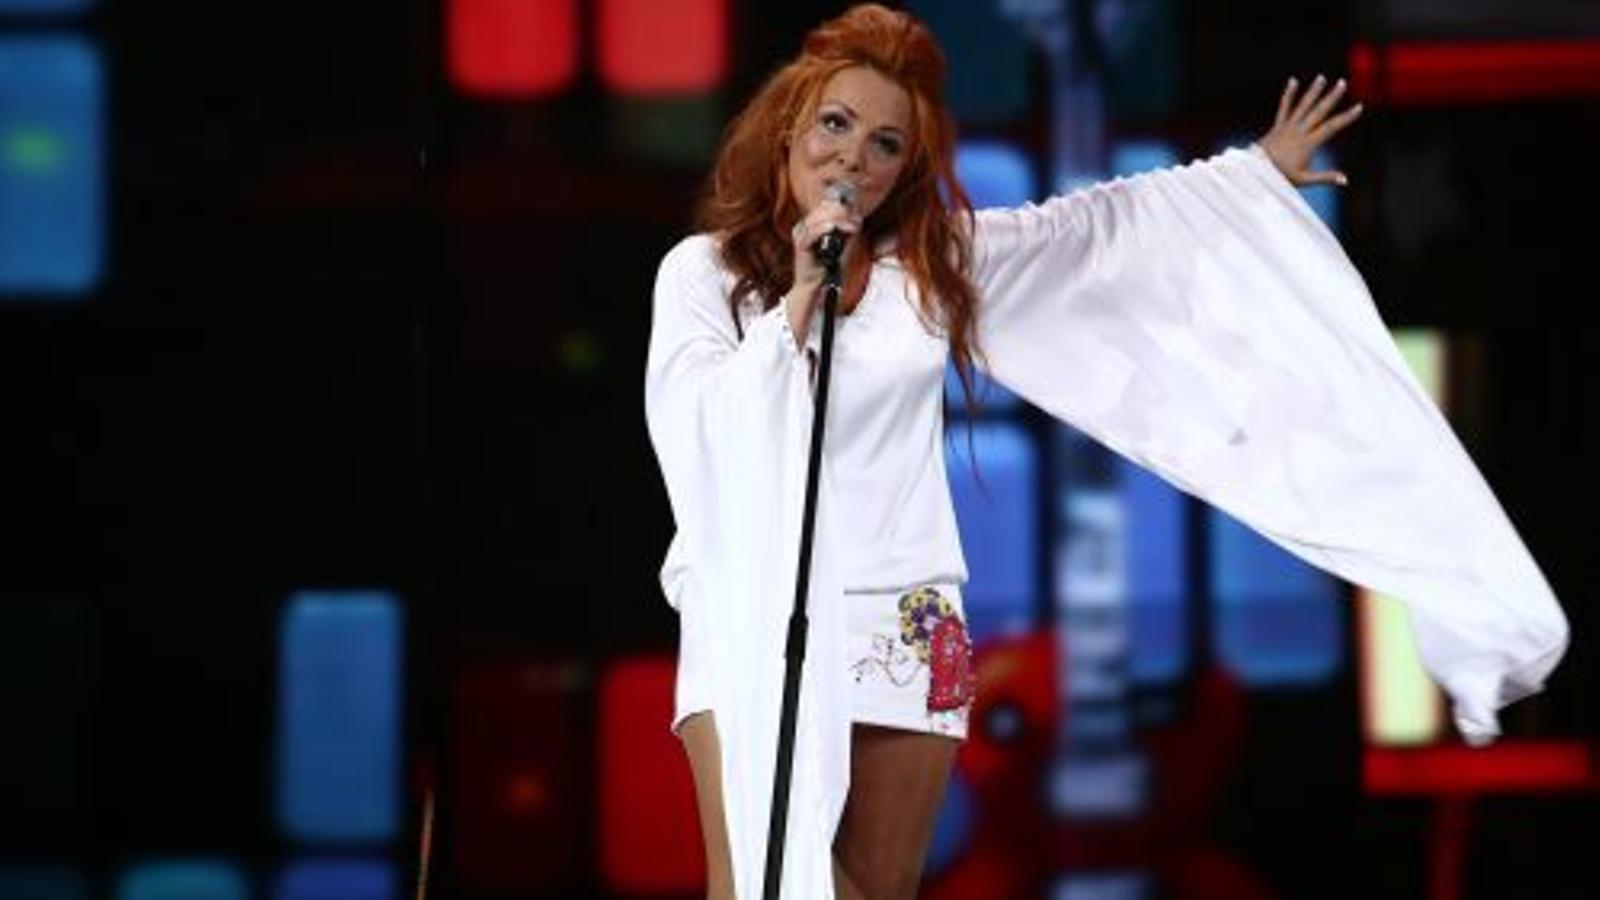 L'actuació de Susanne Georgi a Eurovisió. / EUROVISIÓ